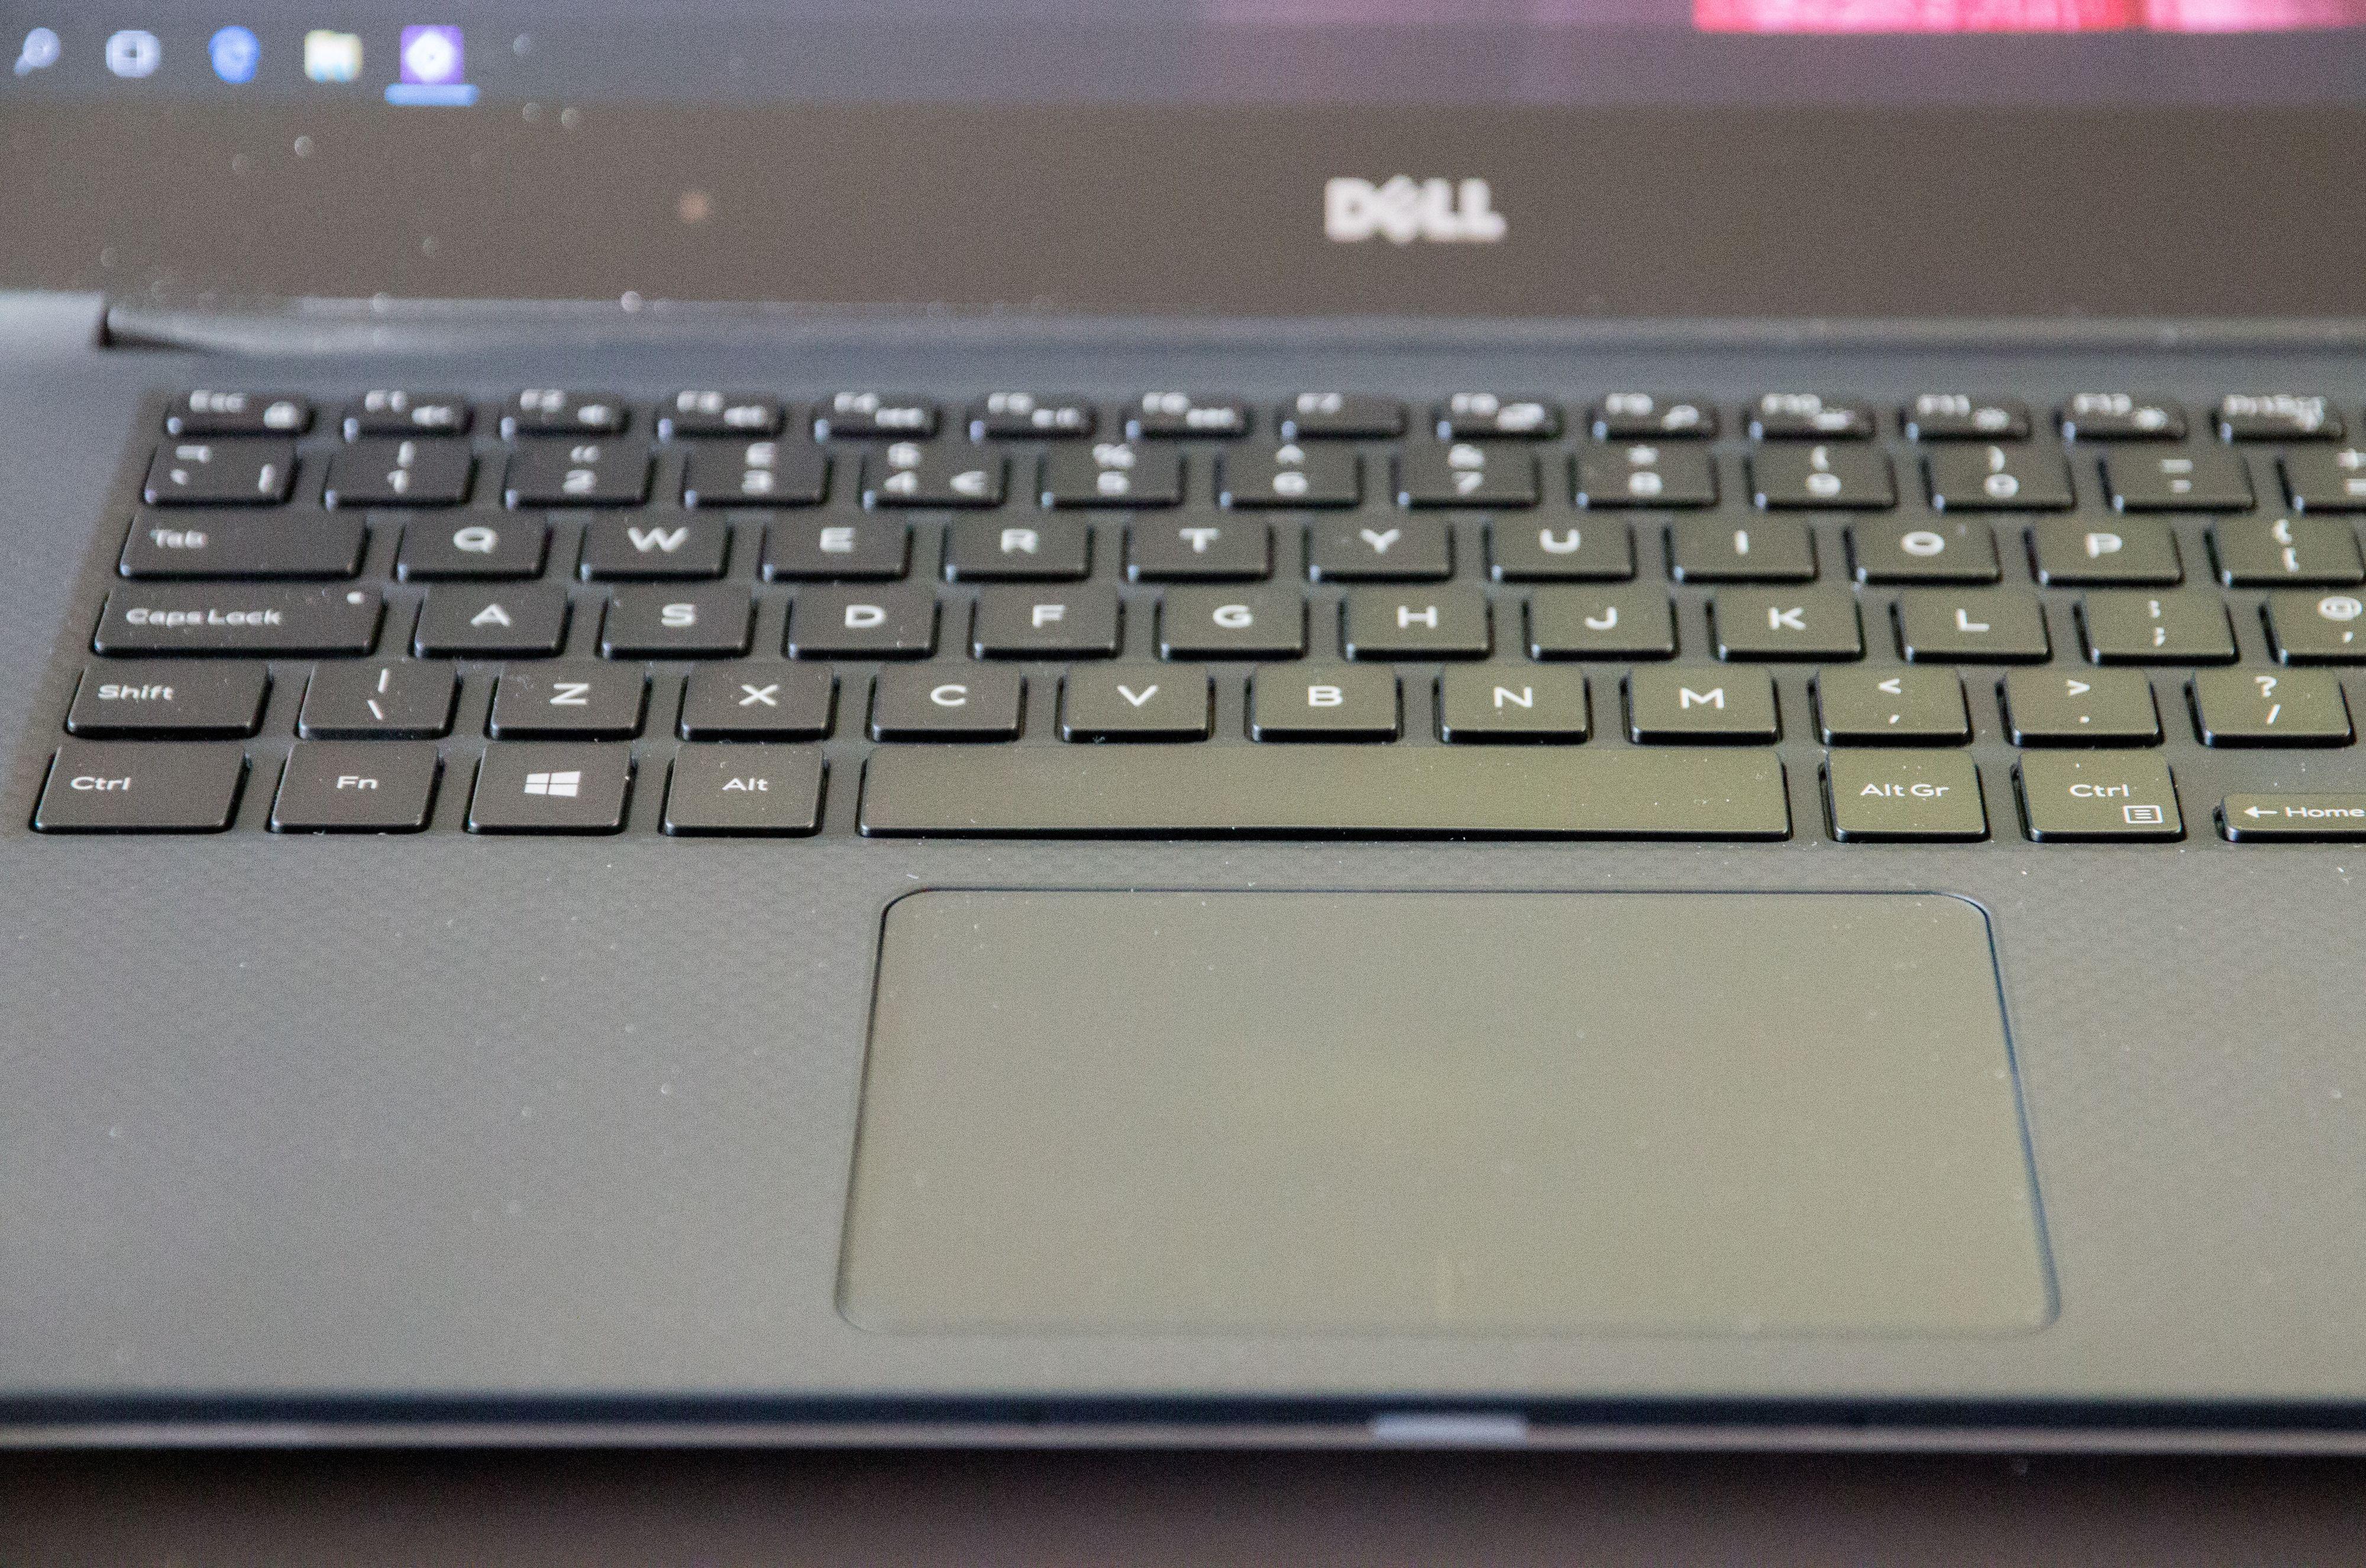 Dells pekeplate er av glass, slik som MacBook Pros, men til tross for god presisjon ligger Apple fortsatt et lite hode foran.